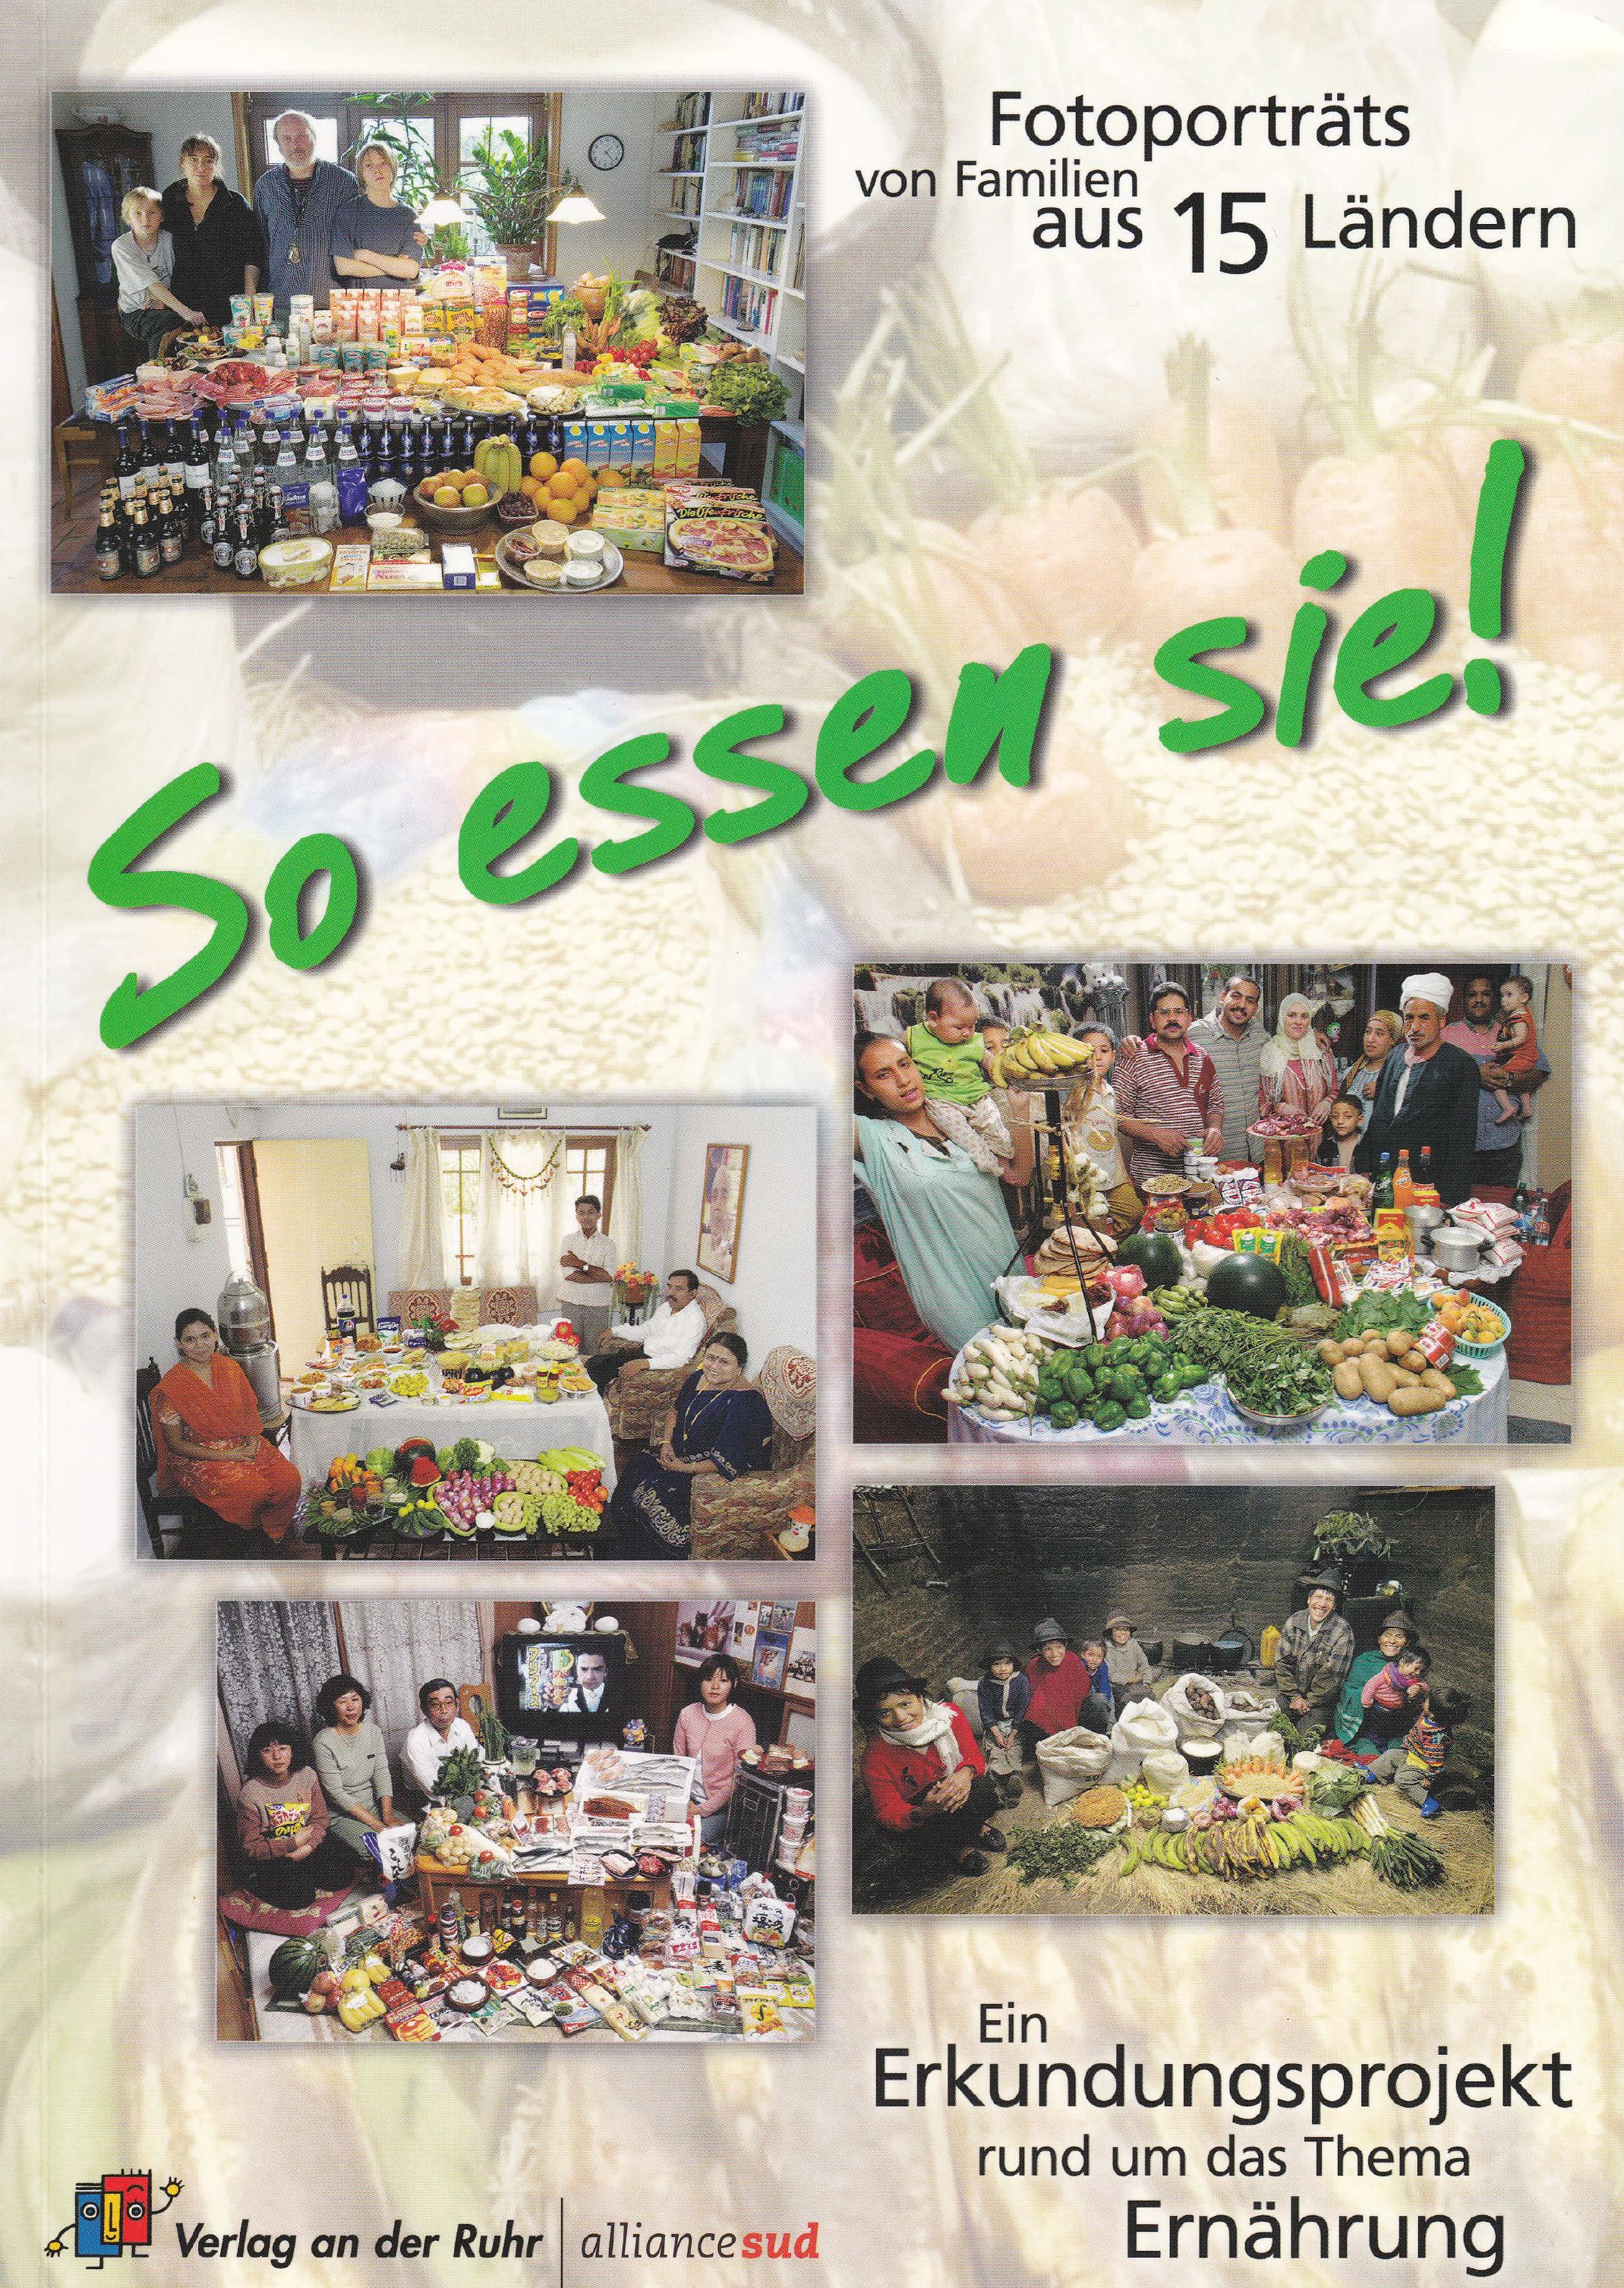 Willkommen bei den Medizinischen Diensten Basel-Stadt - So essen sie ...